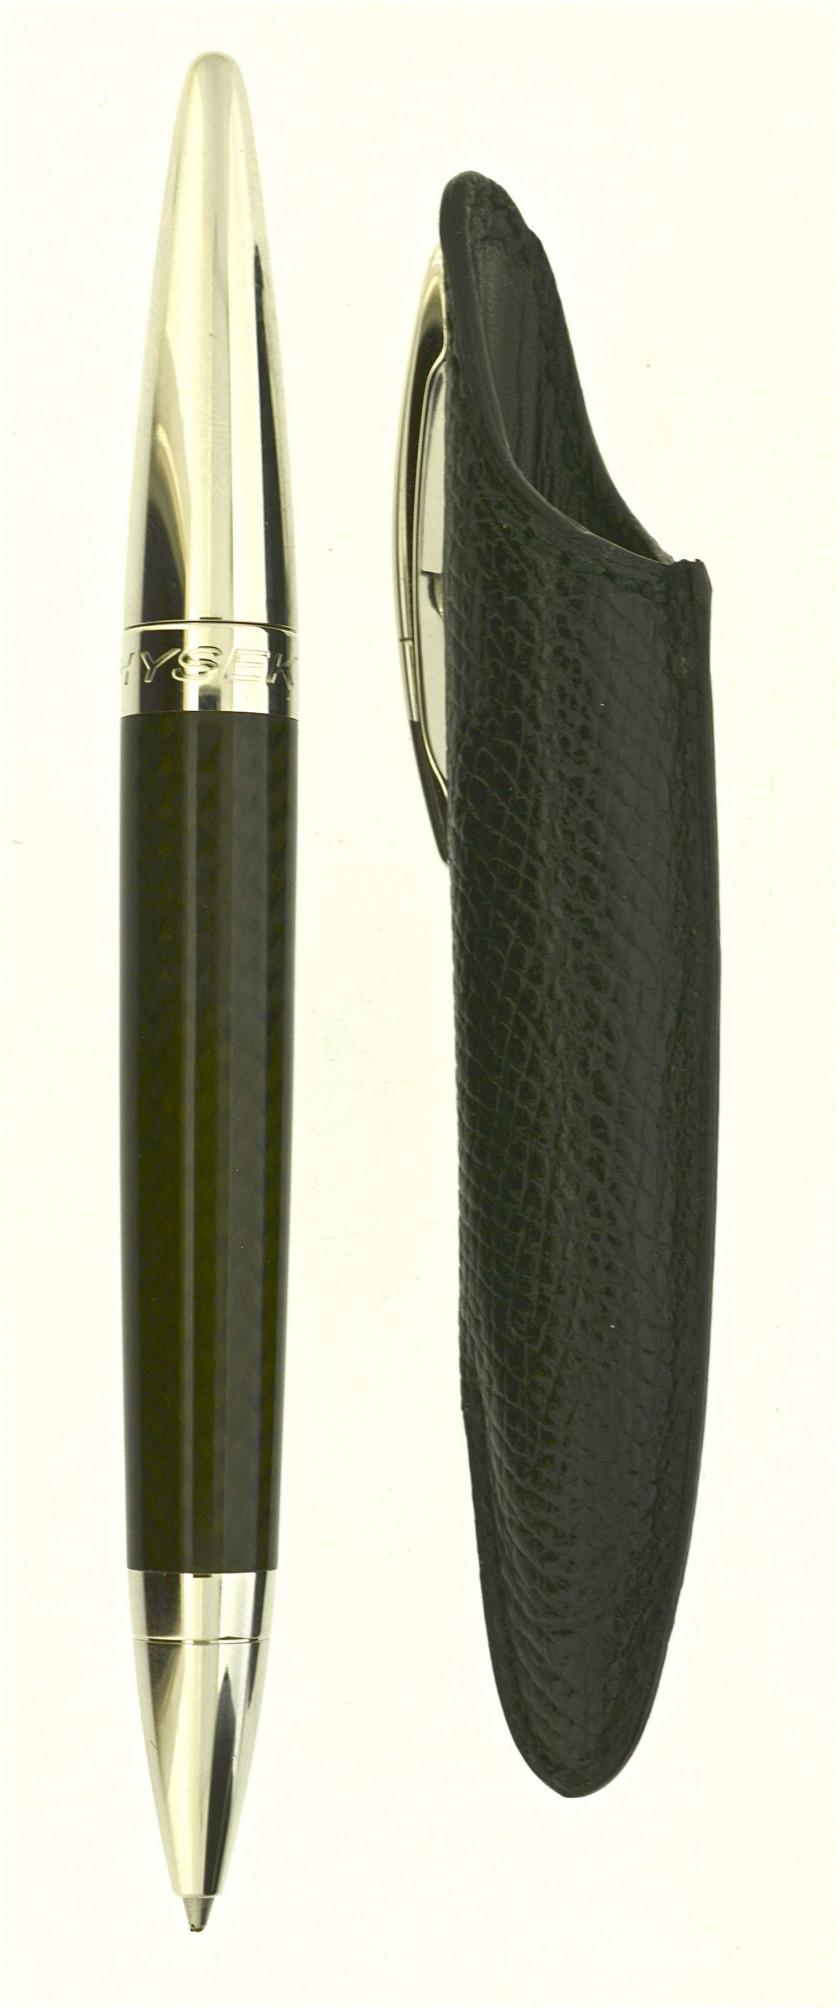 tache stylo bille sur cuir great tache de stylo bille sur jean with tache stylo bille sur cuir. Black Bedroom Furniture Sets. Home Design Ideas